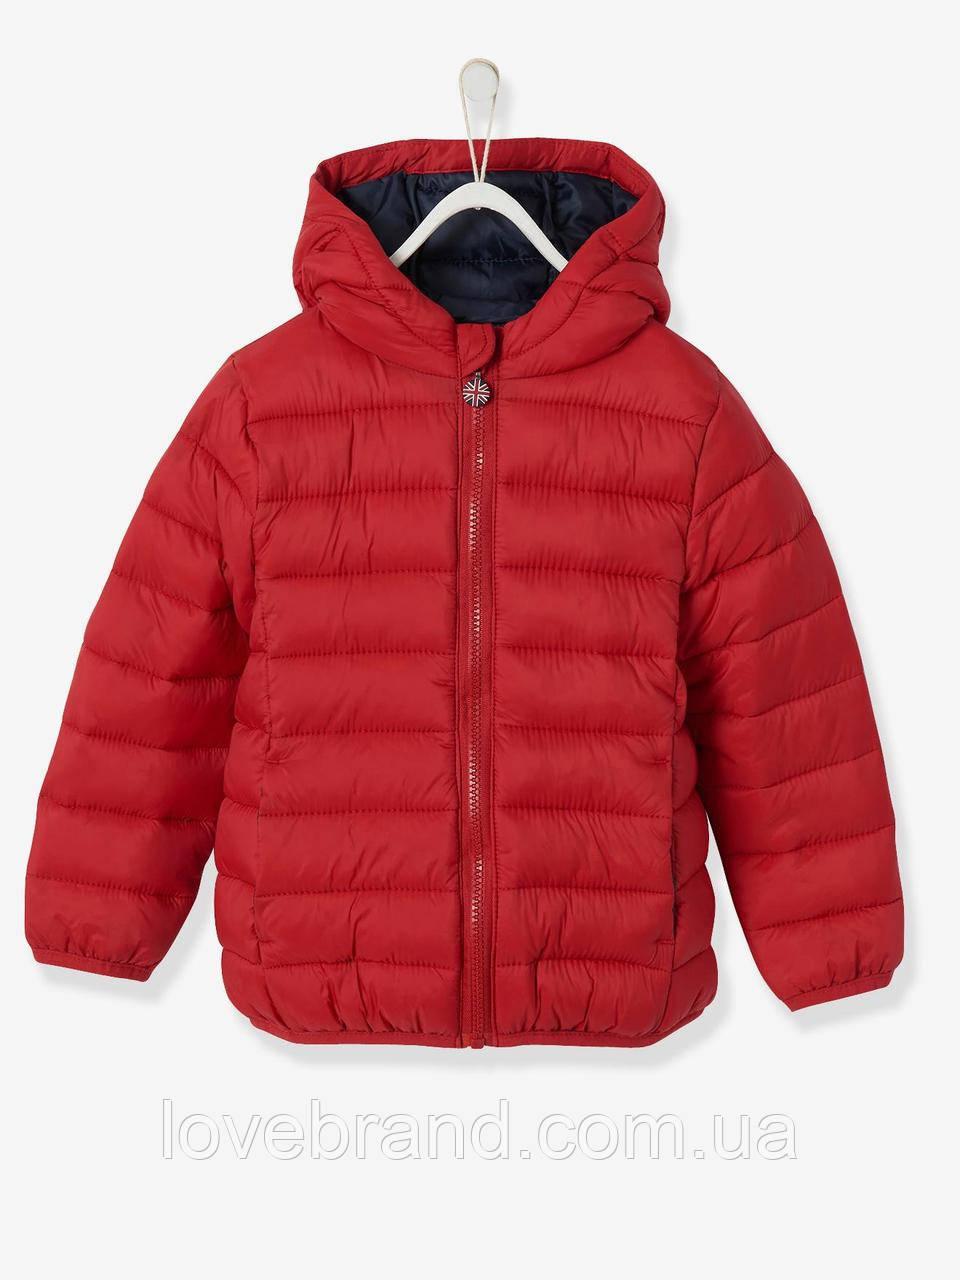 Детская демисезонная курточка для мальчика Vertbaudet (Франция)